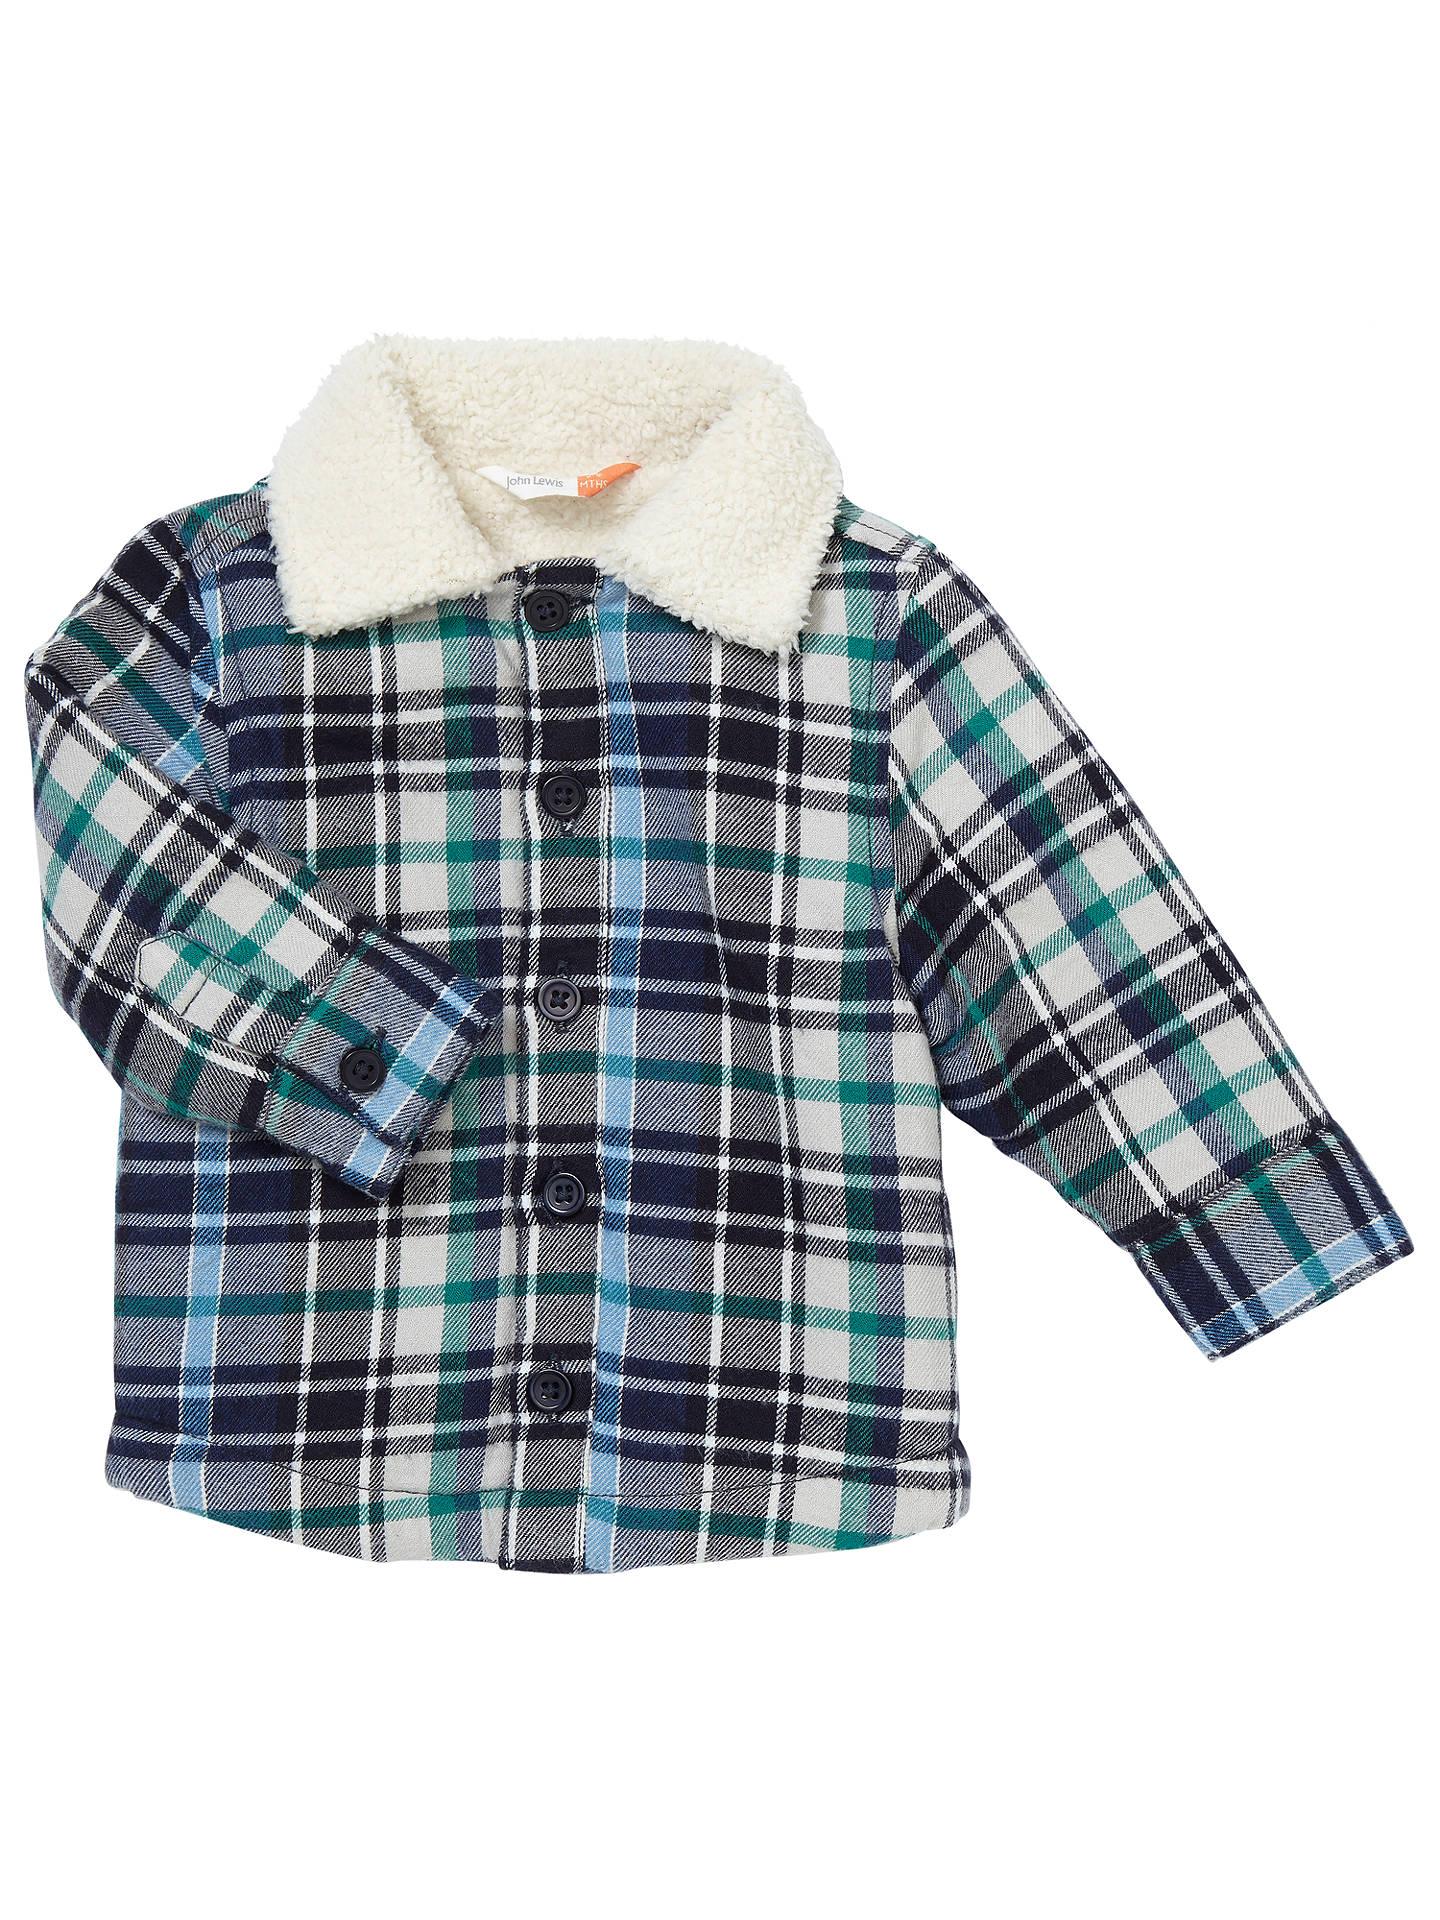 1755995c0 John Lewis Baby Check Lumberjack Jacket